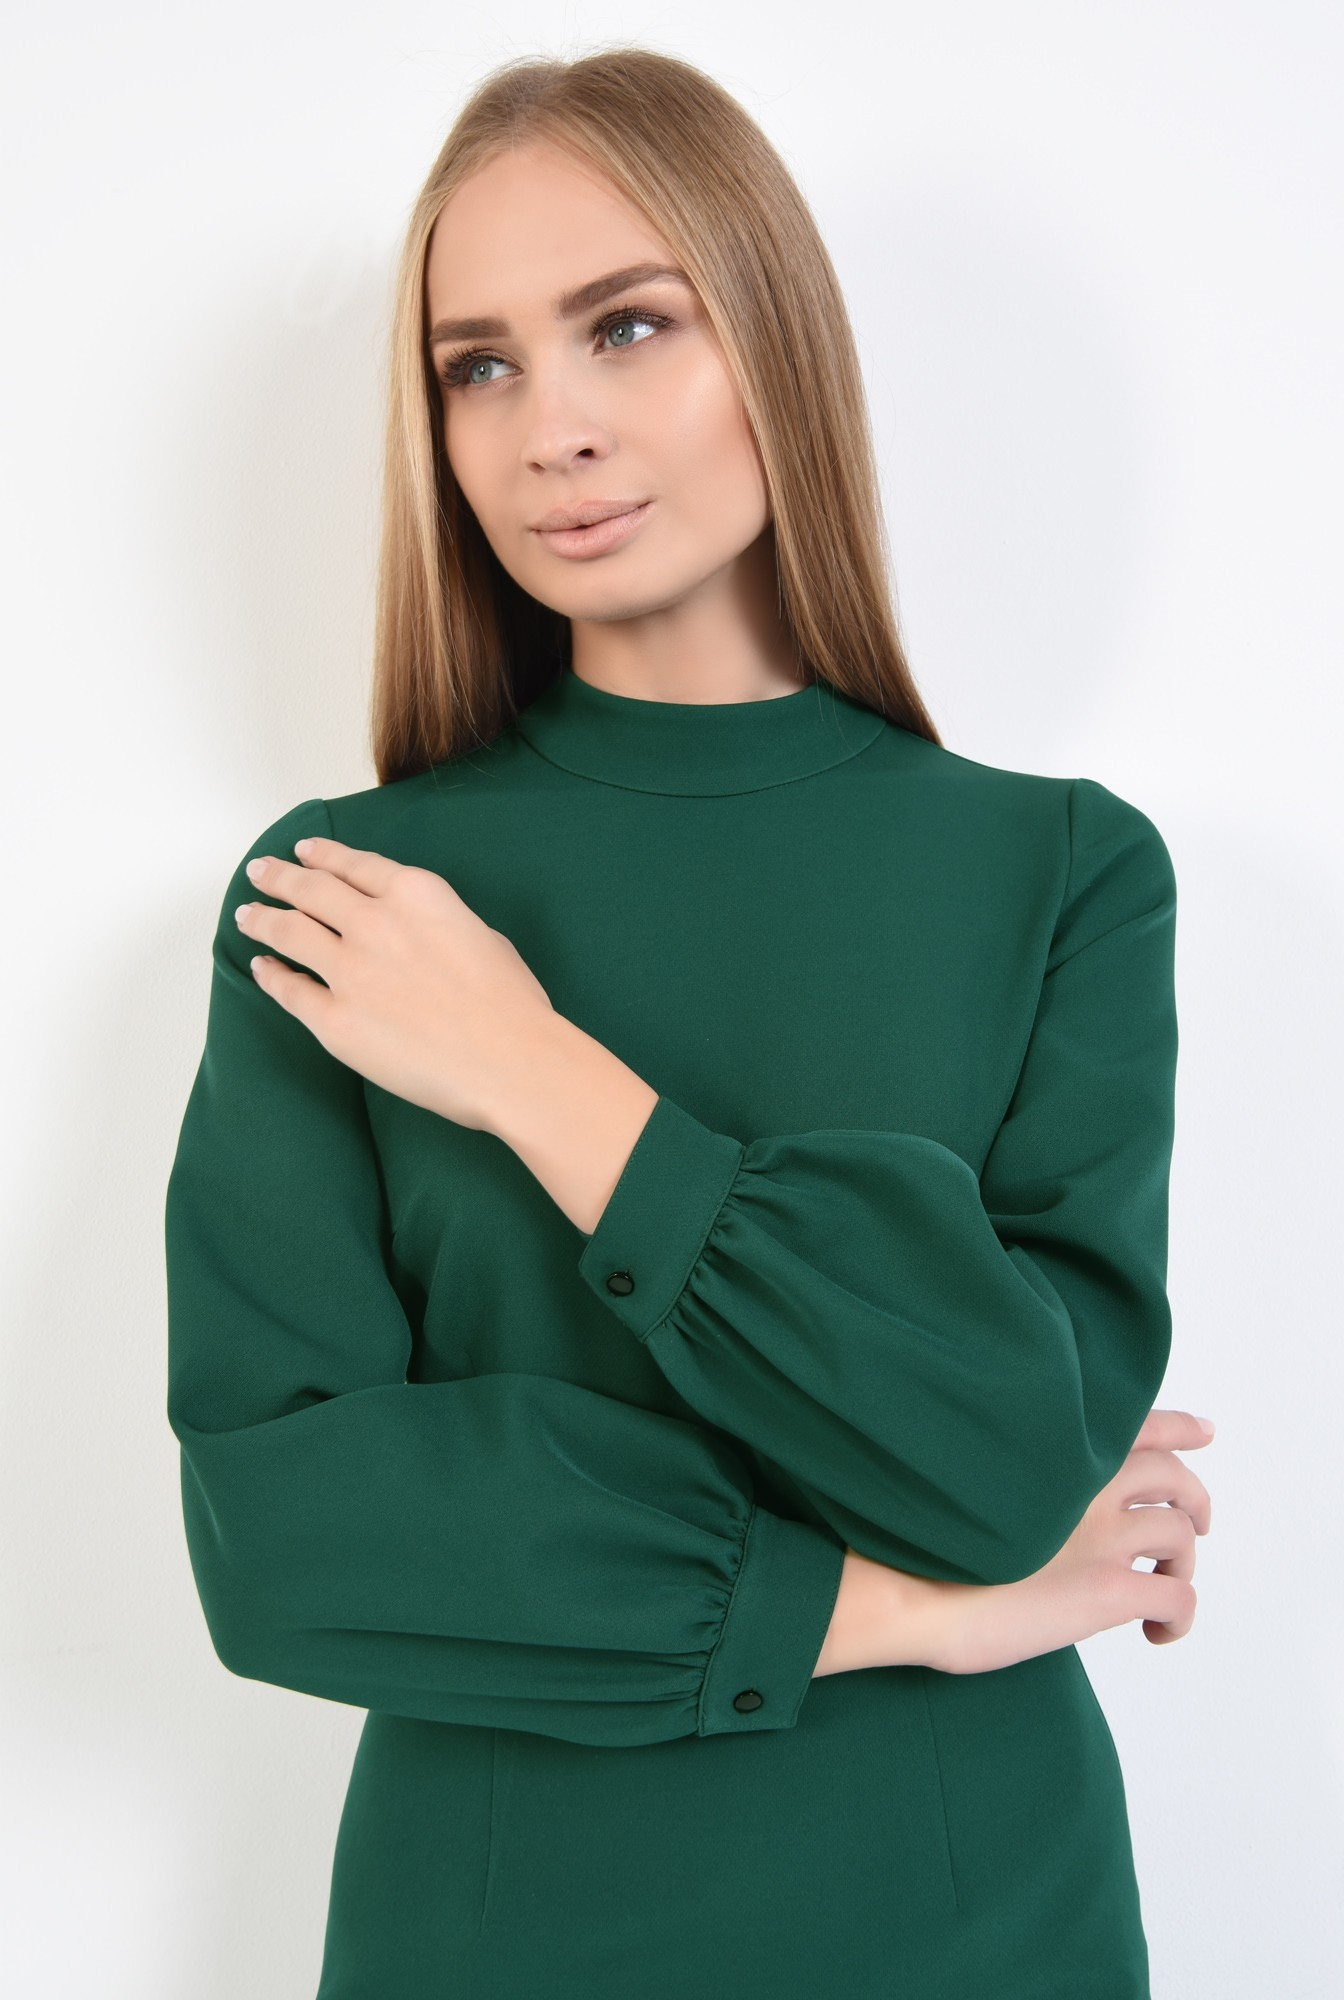 2 - rochie verde, de zi, croi conic, cusatura in talie, guler inalt